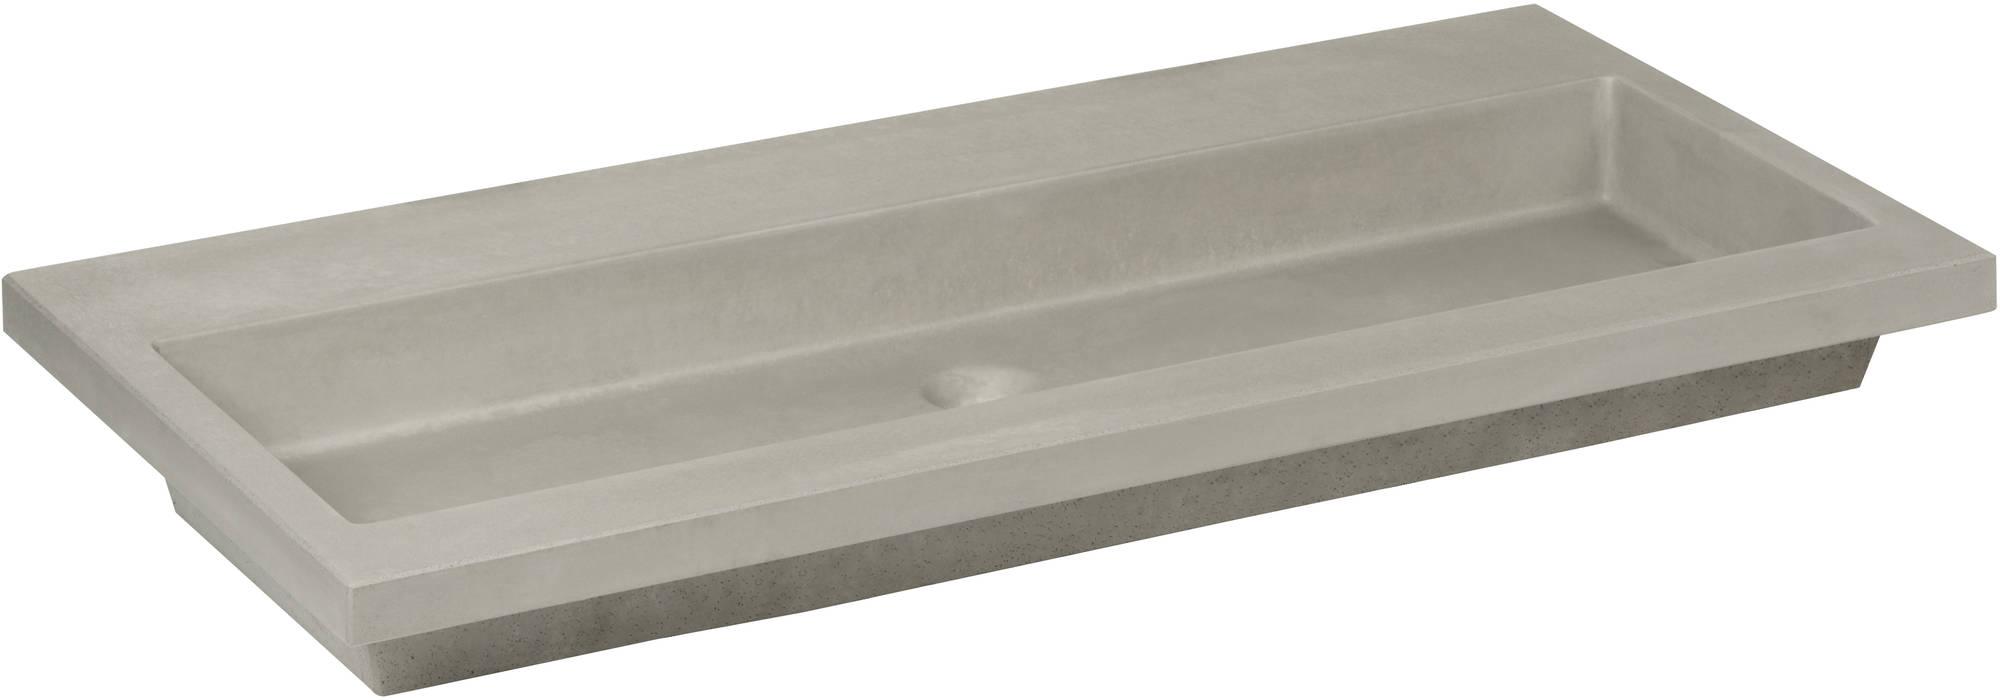 Ben Concrete Wastafel enkel 100x51cm zonder kraangat Beton